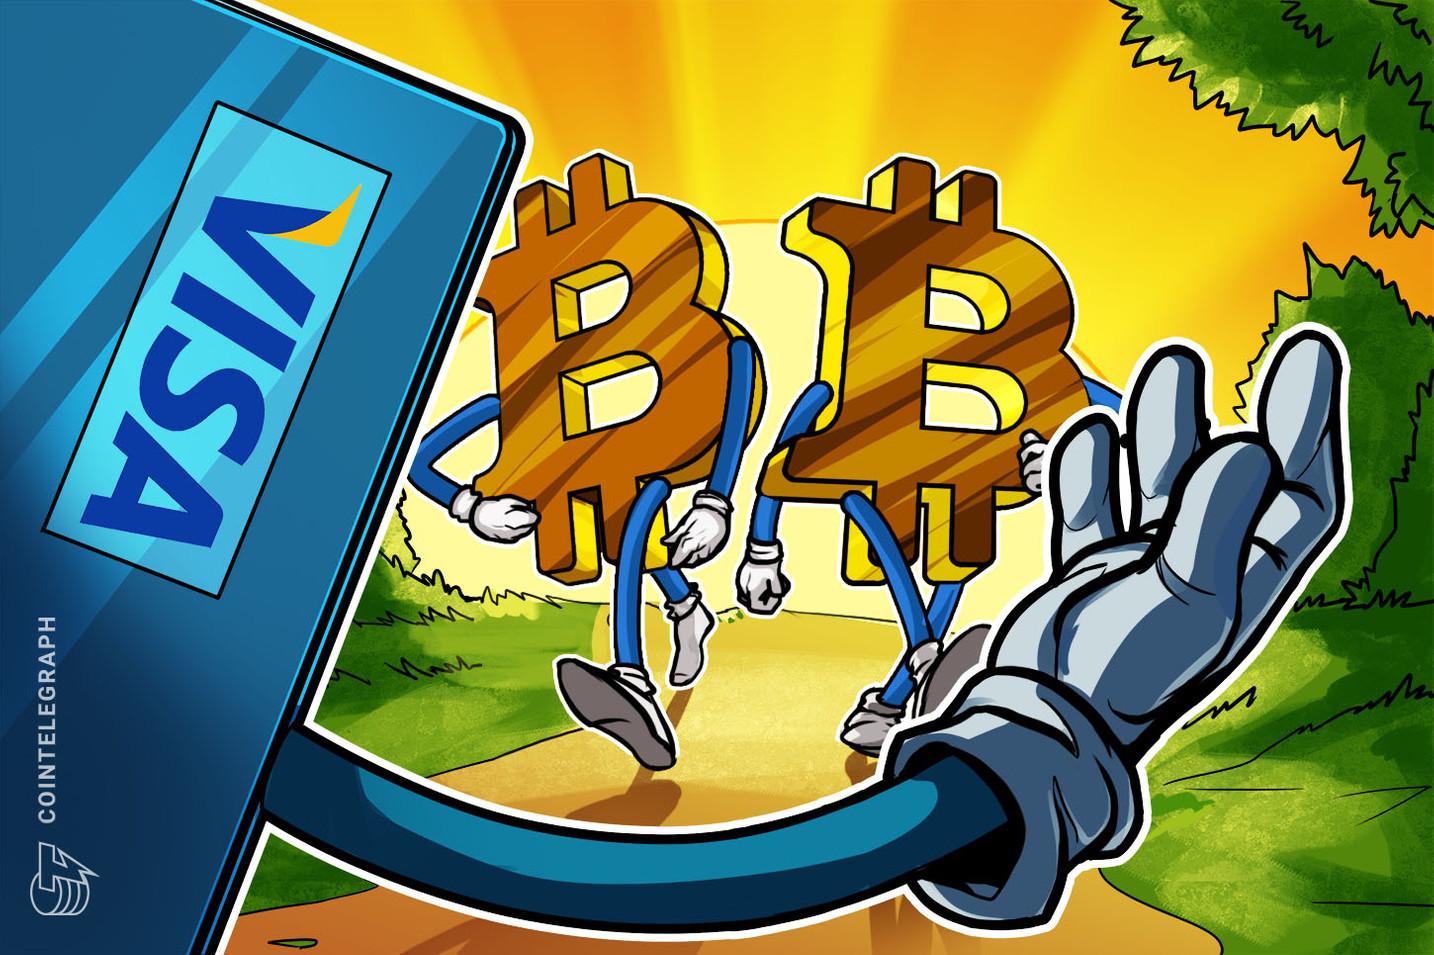 VISA「デジタル法定通貨」の特許を申請 |仮想通貨イーサとの連携も示唆